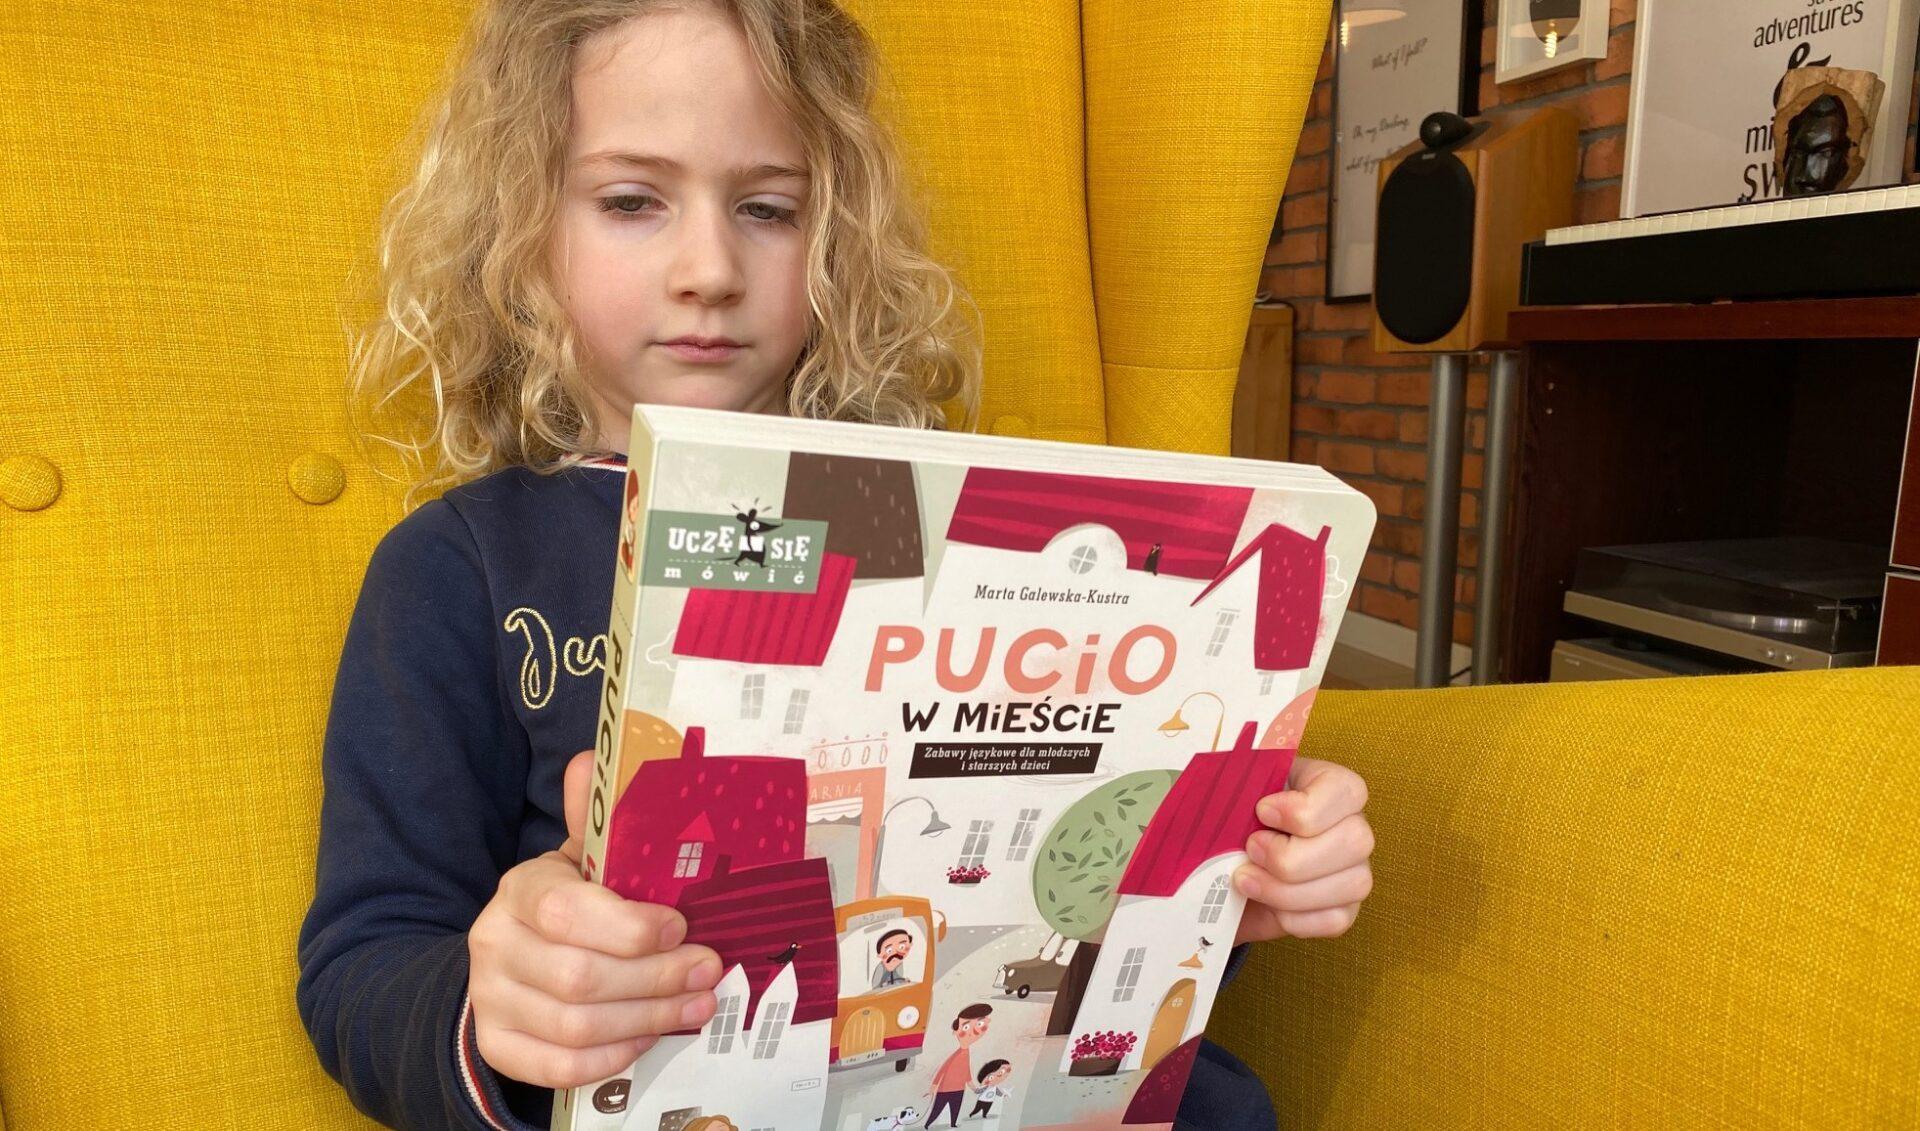 Już jest: Pucio w mieście, czyli zabawy językowe dla młodszych i starszych dzieci